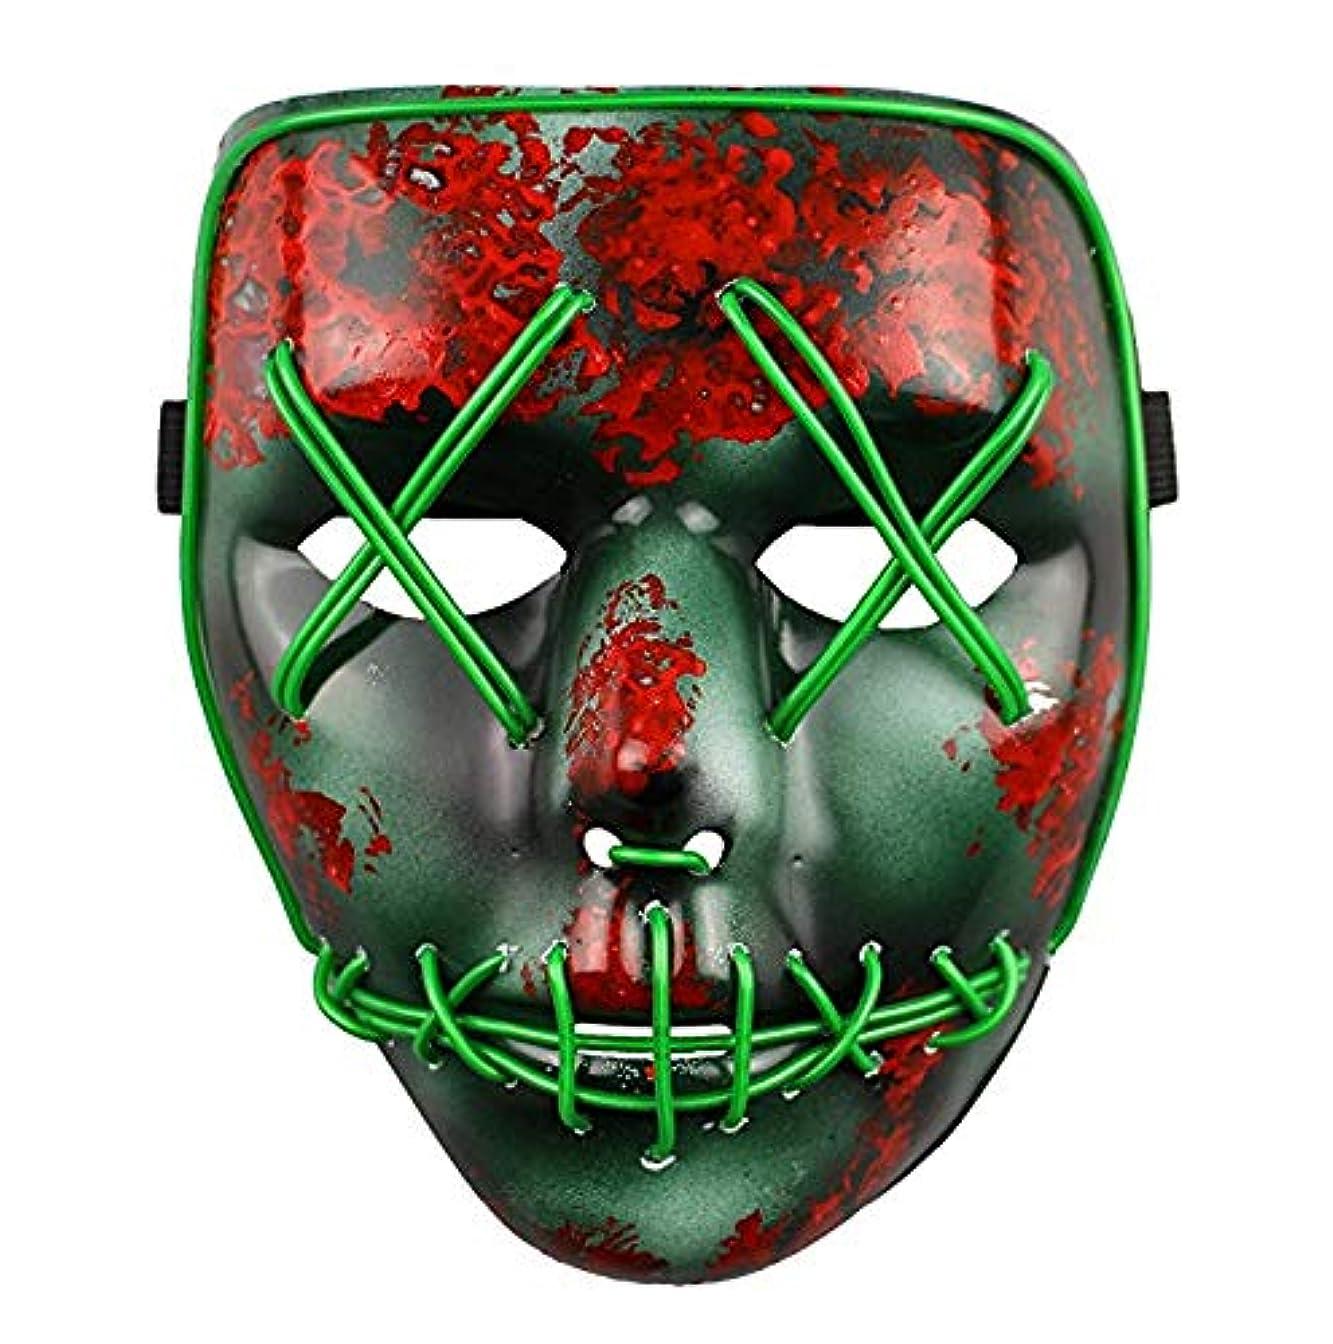 に対して管理します報いるライトアップマスクフェスティバルハロウィンコスチュームアダルトマスク